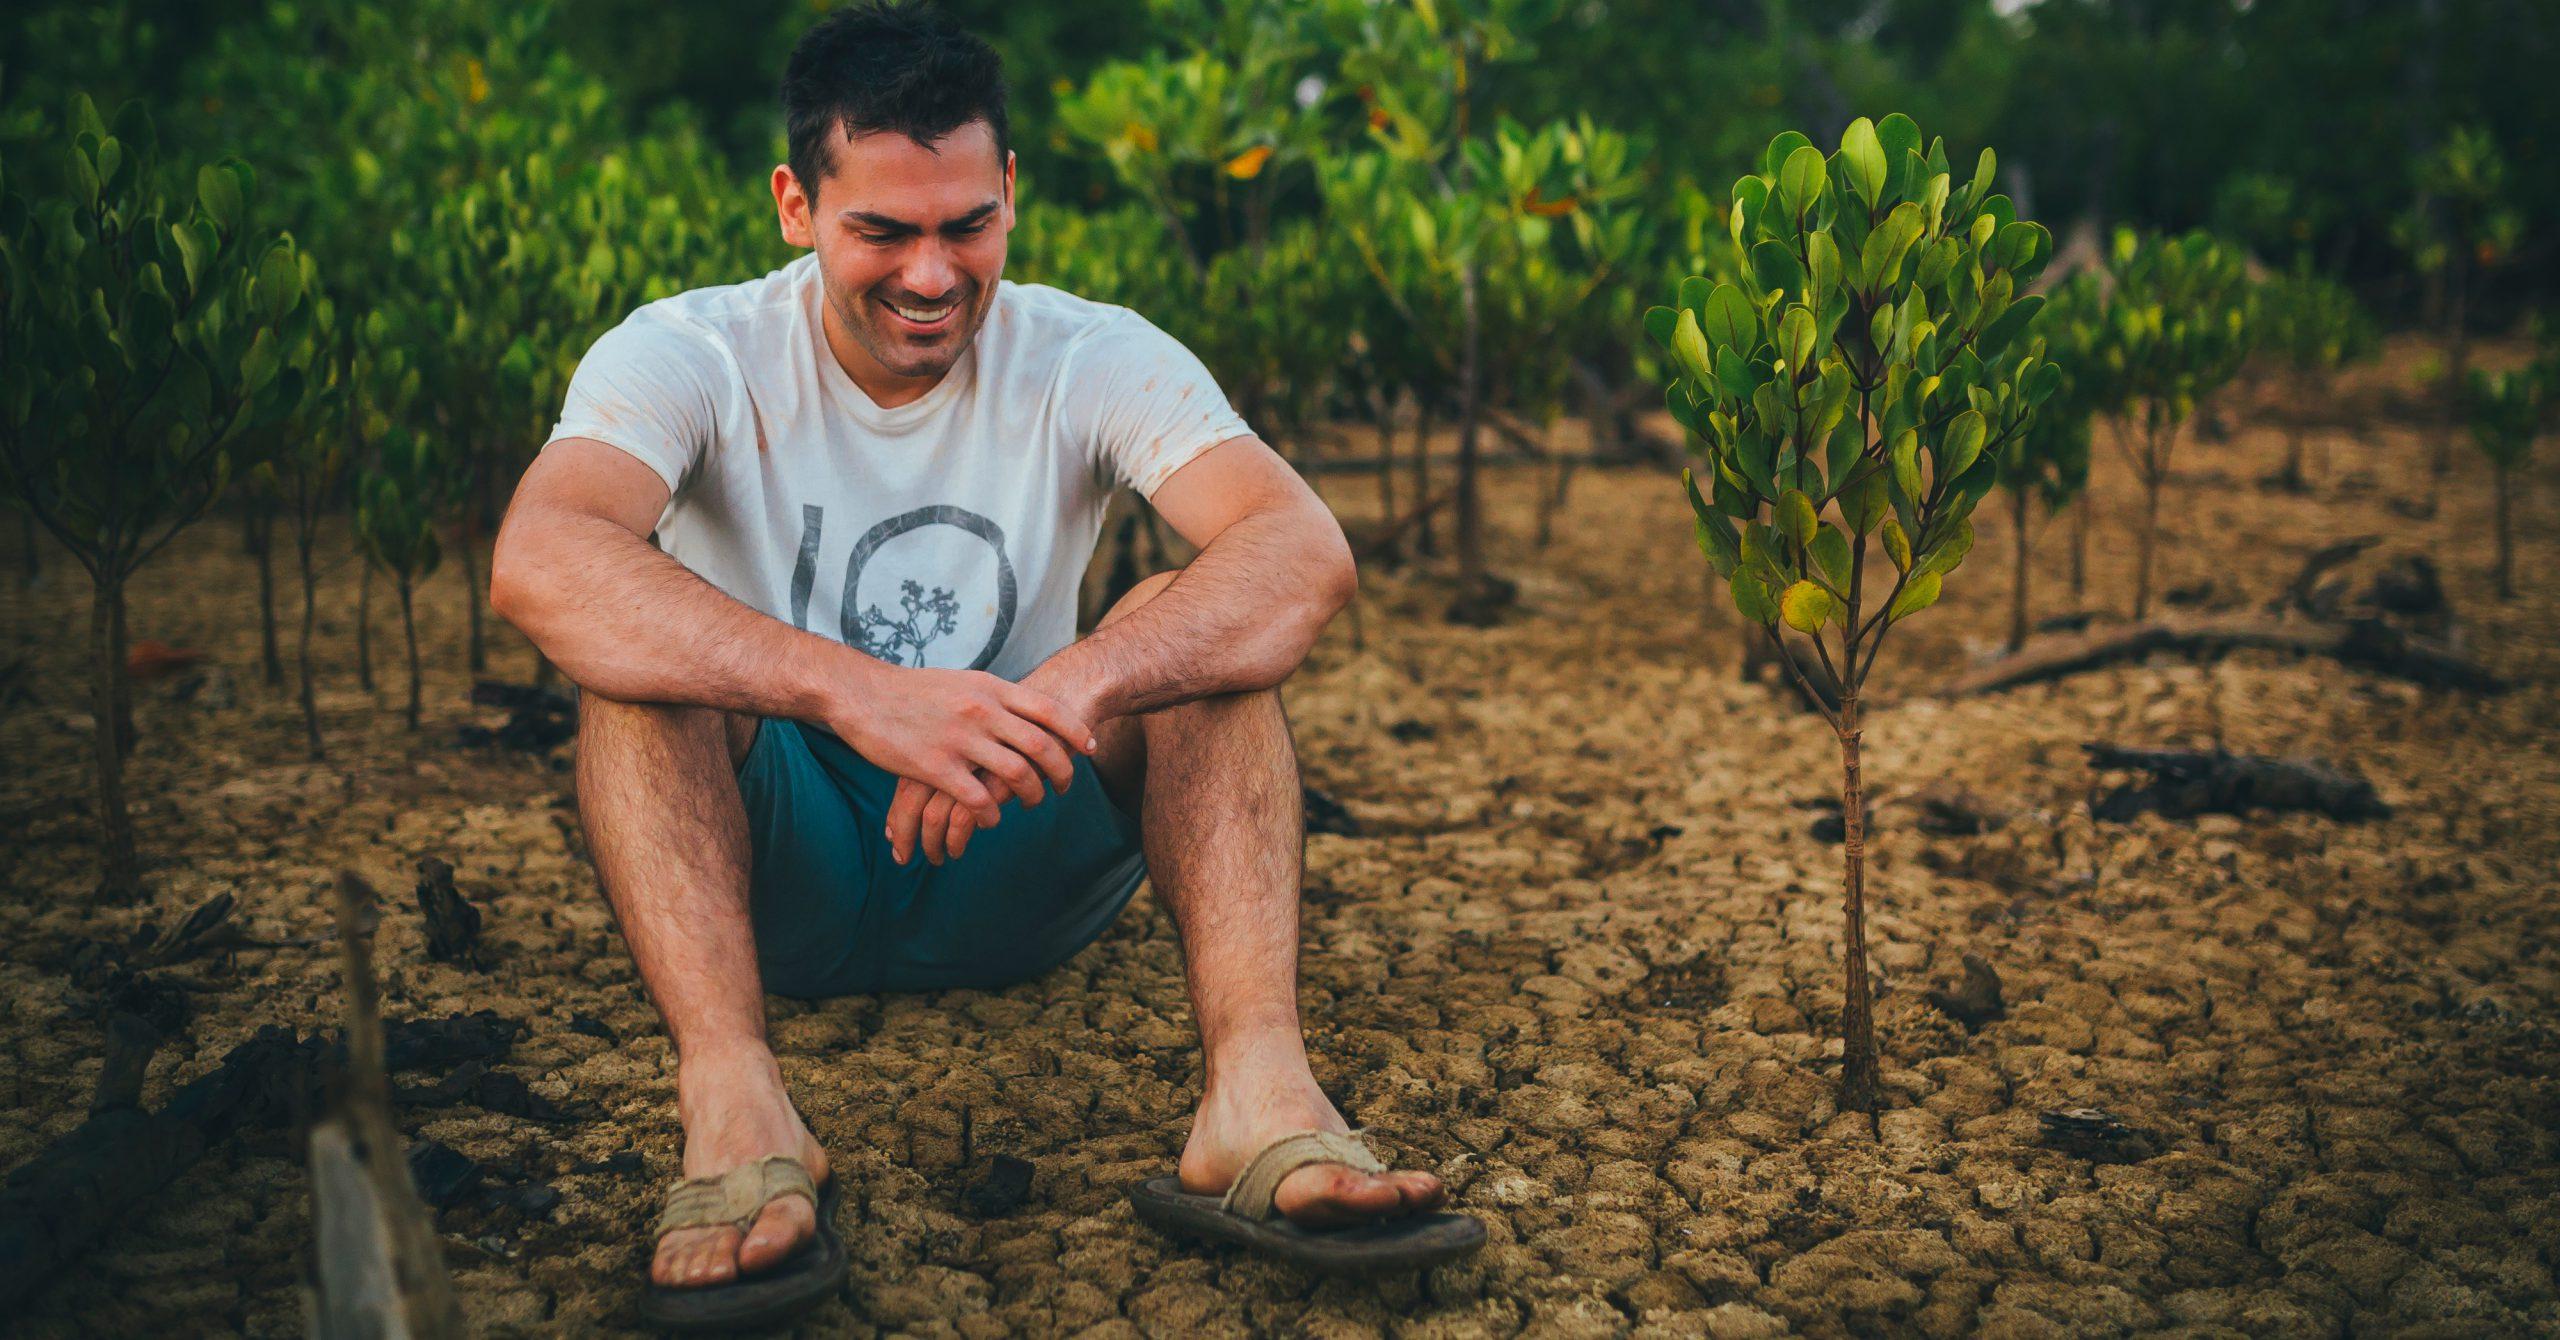 Neu bei engelhorn: TenTree – Eine Marke, eine Story